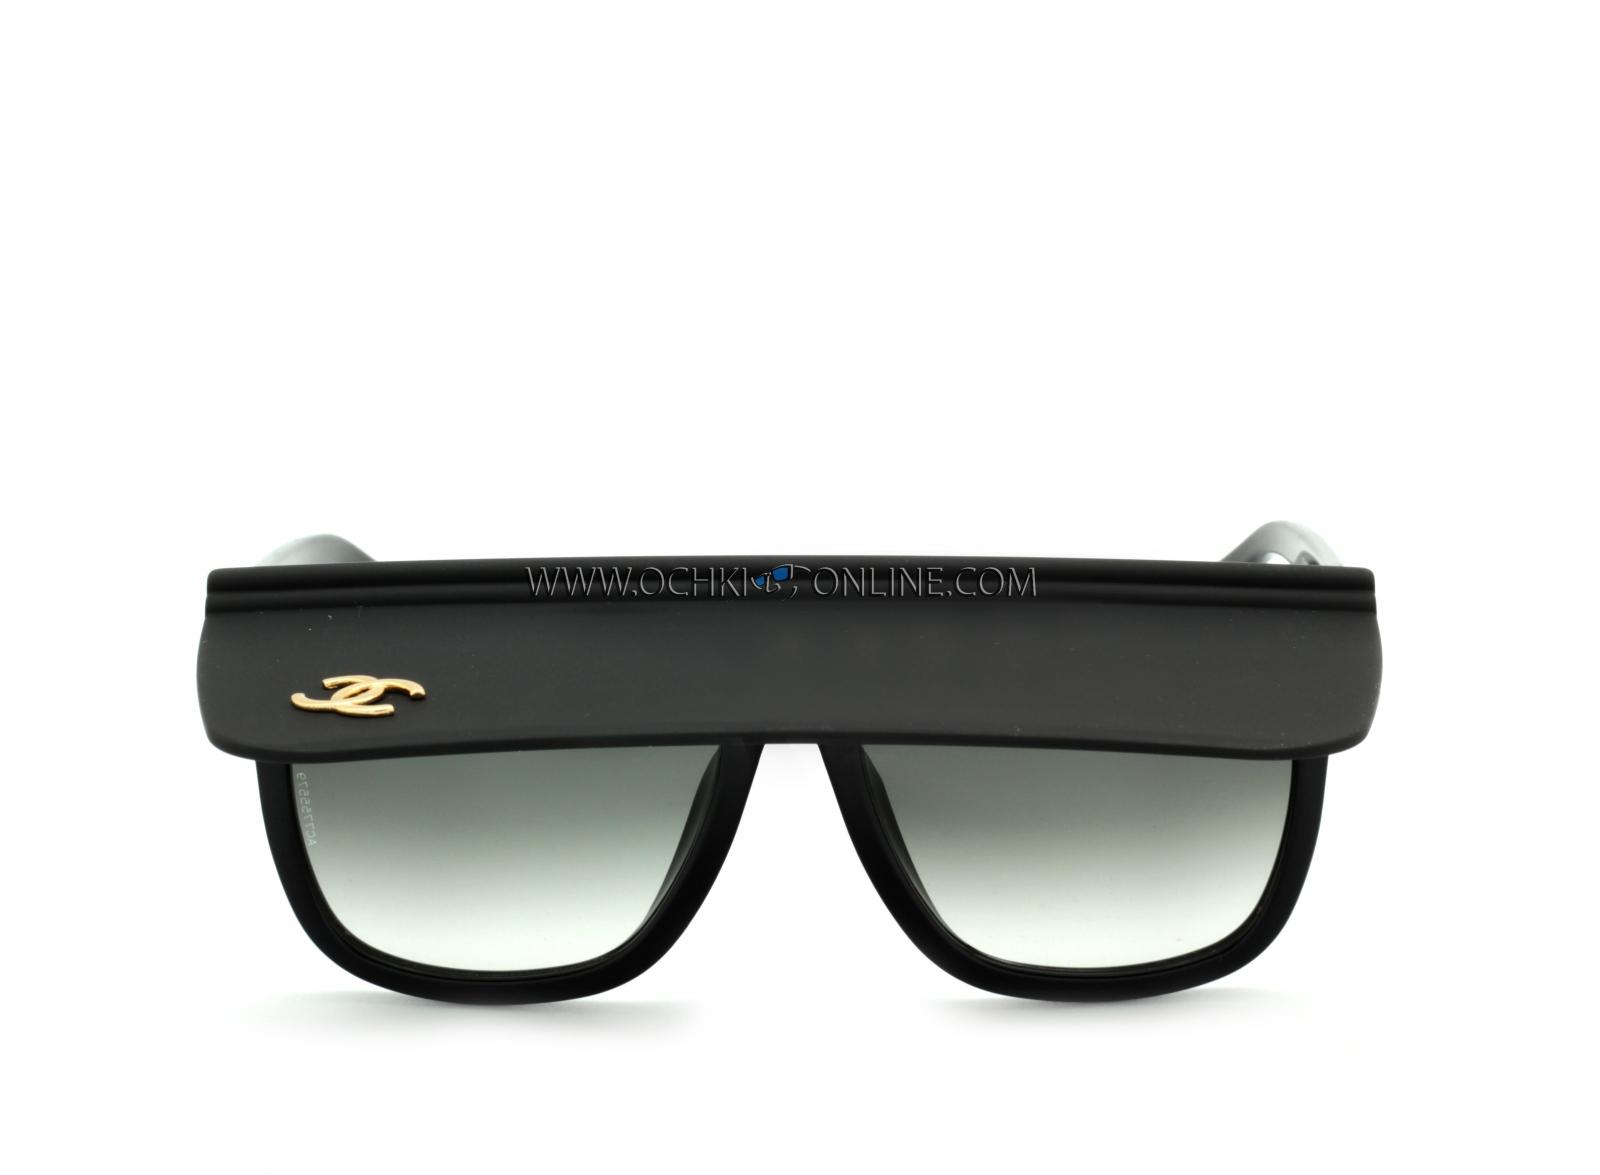 Вы носите солнцезащитные очки? Тогда у Вас буду проблемы с использованием iPad и iPhone.